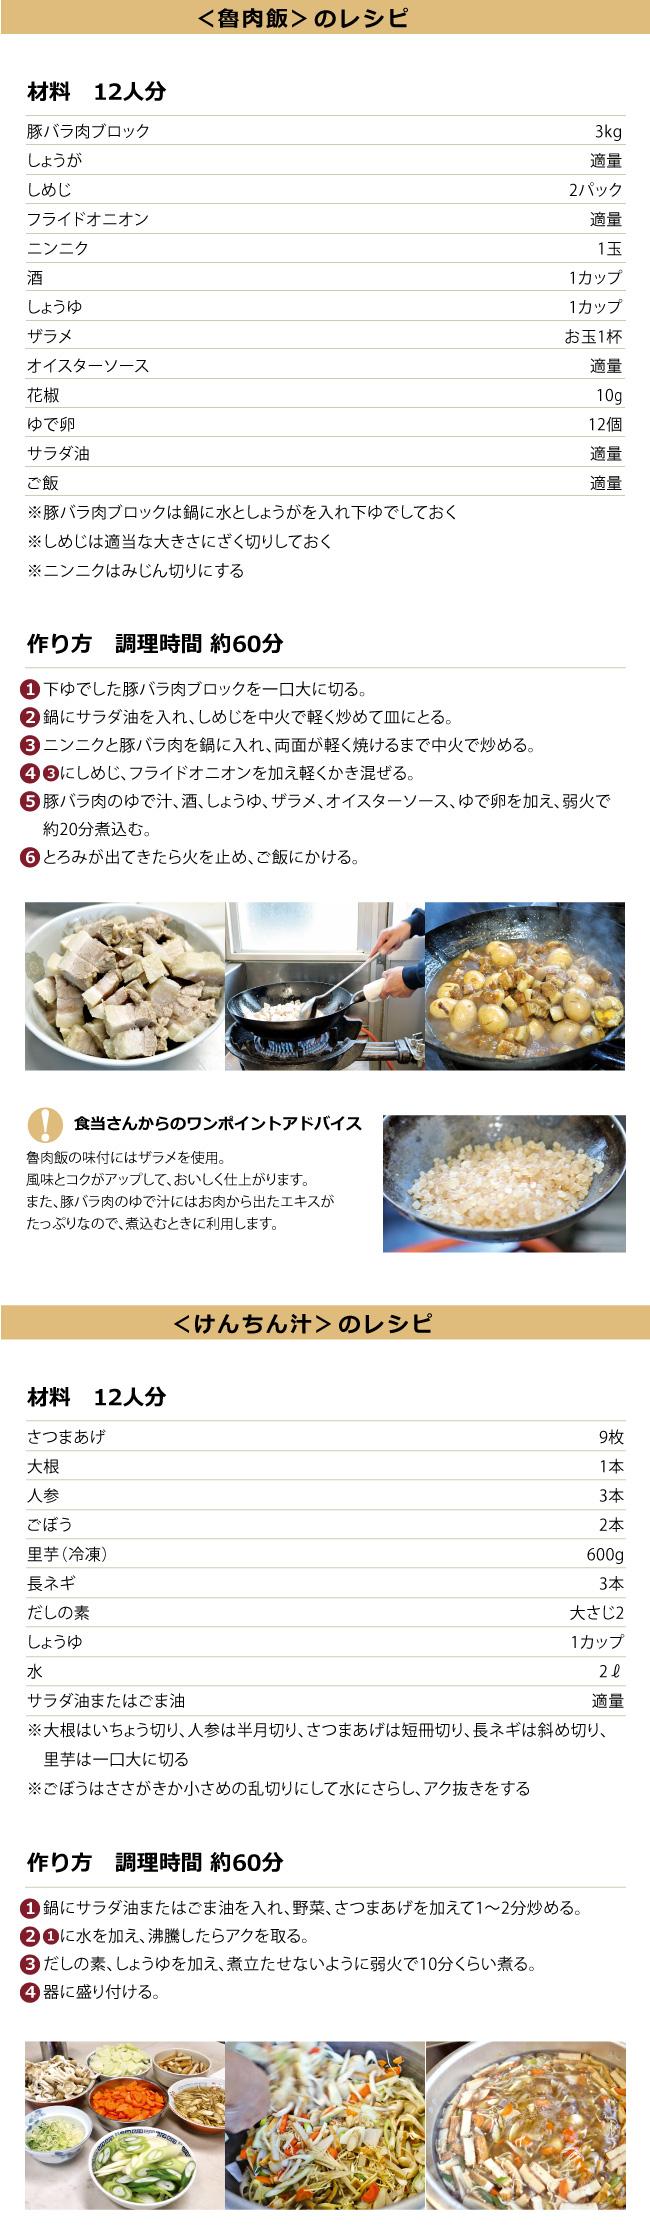 魯肉飯のレシピ、けんちん汁のレシピ